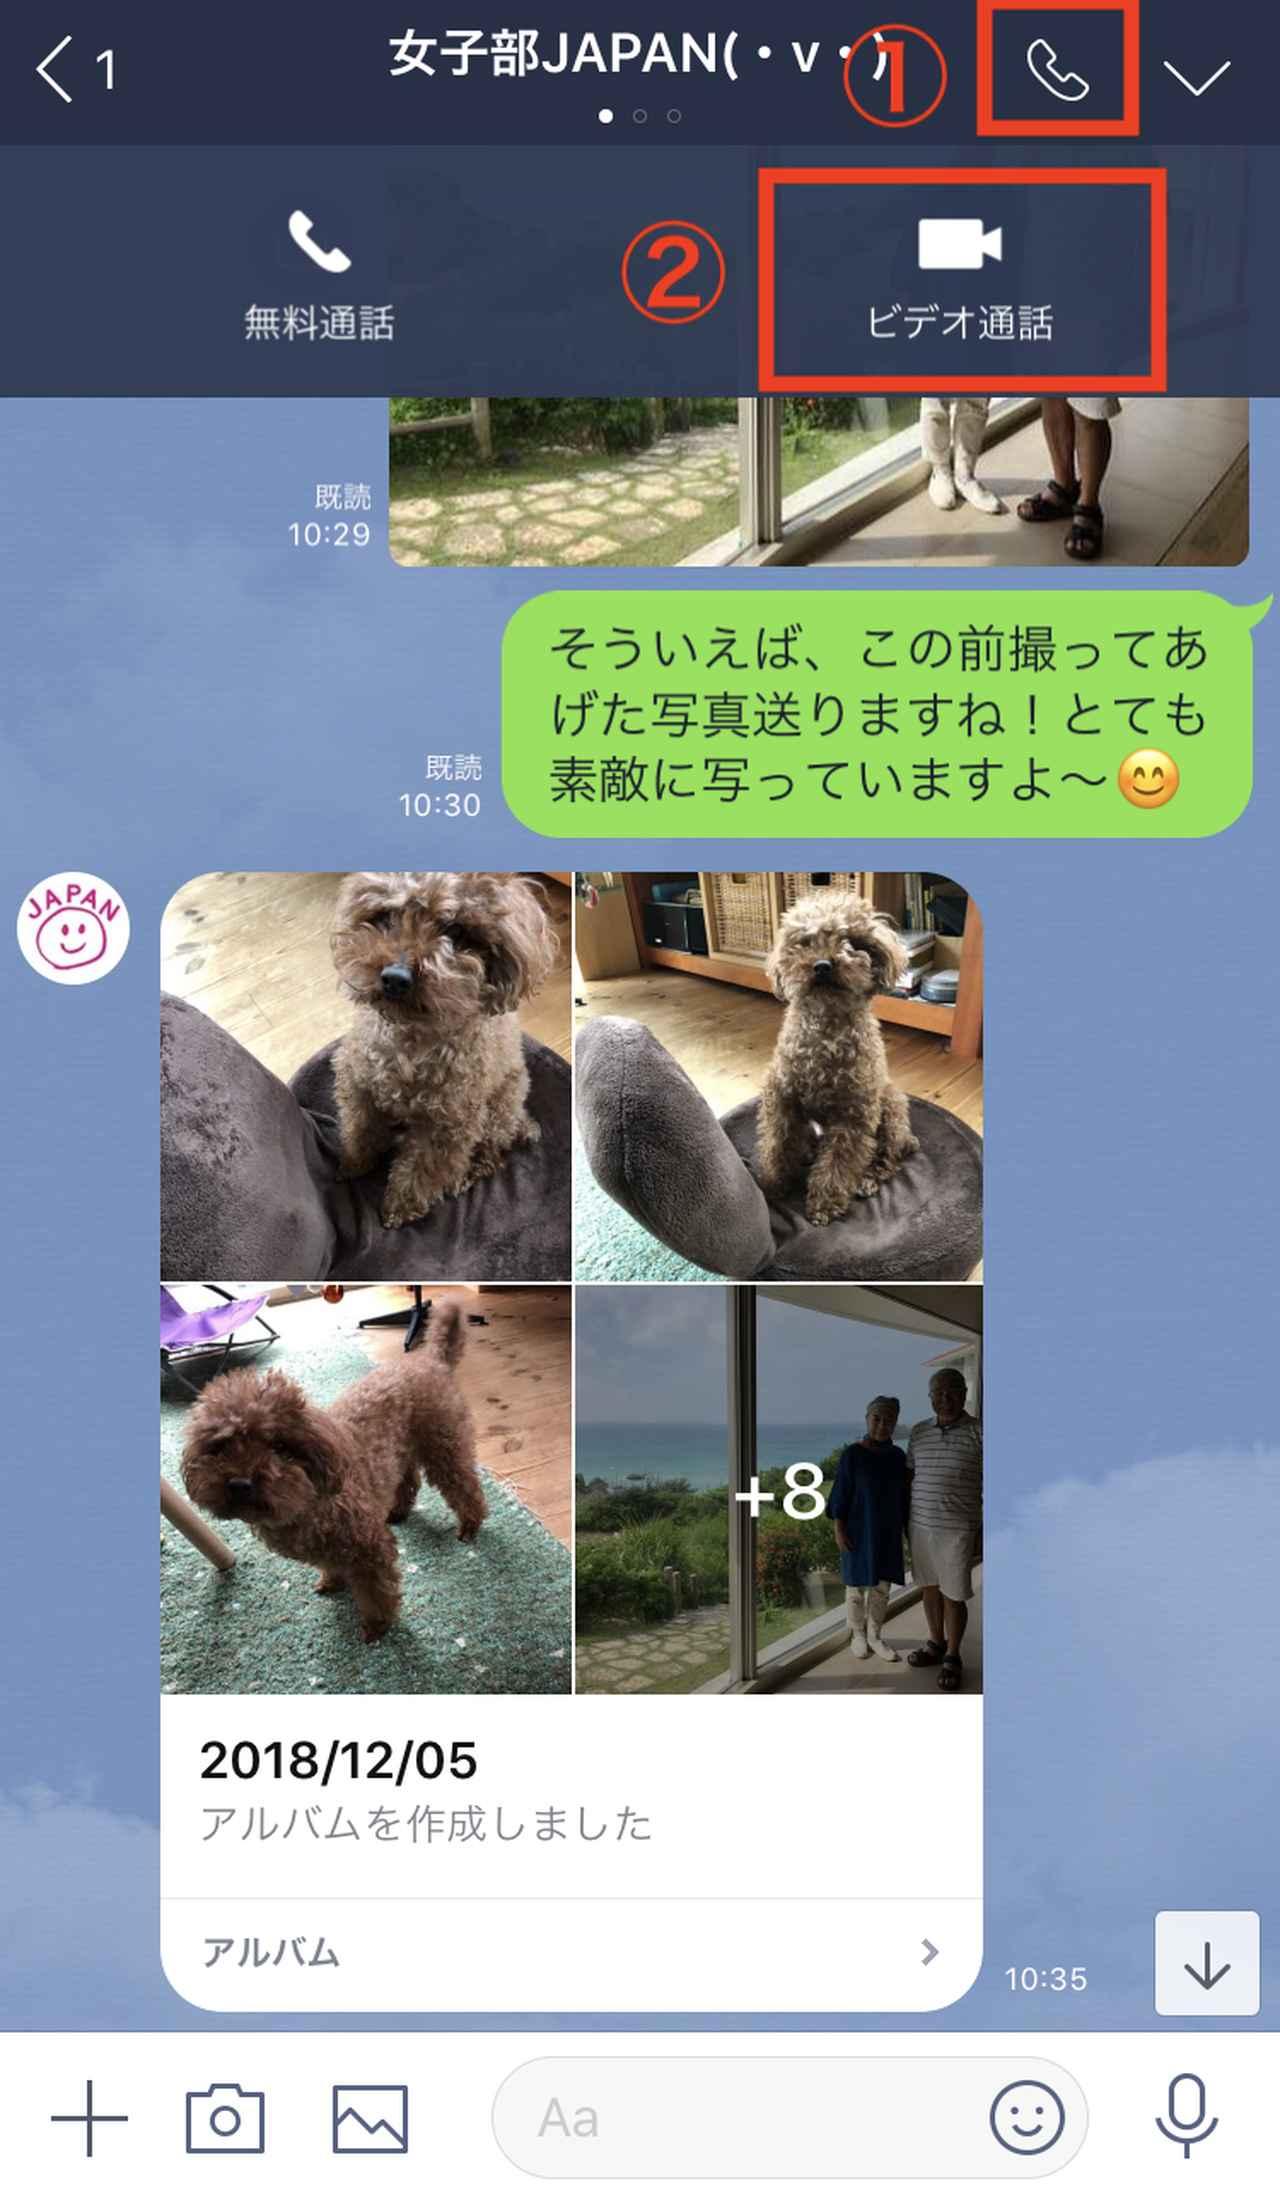 画像: 友達とメッセージのやり取りをしている画面から、右上の電話マークをタッチ(①)して、次に表示される「ビデオ通話」をタッチ(②)します。